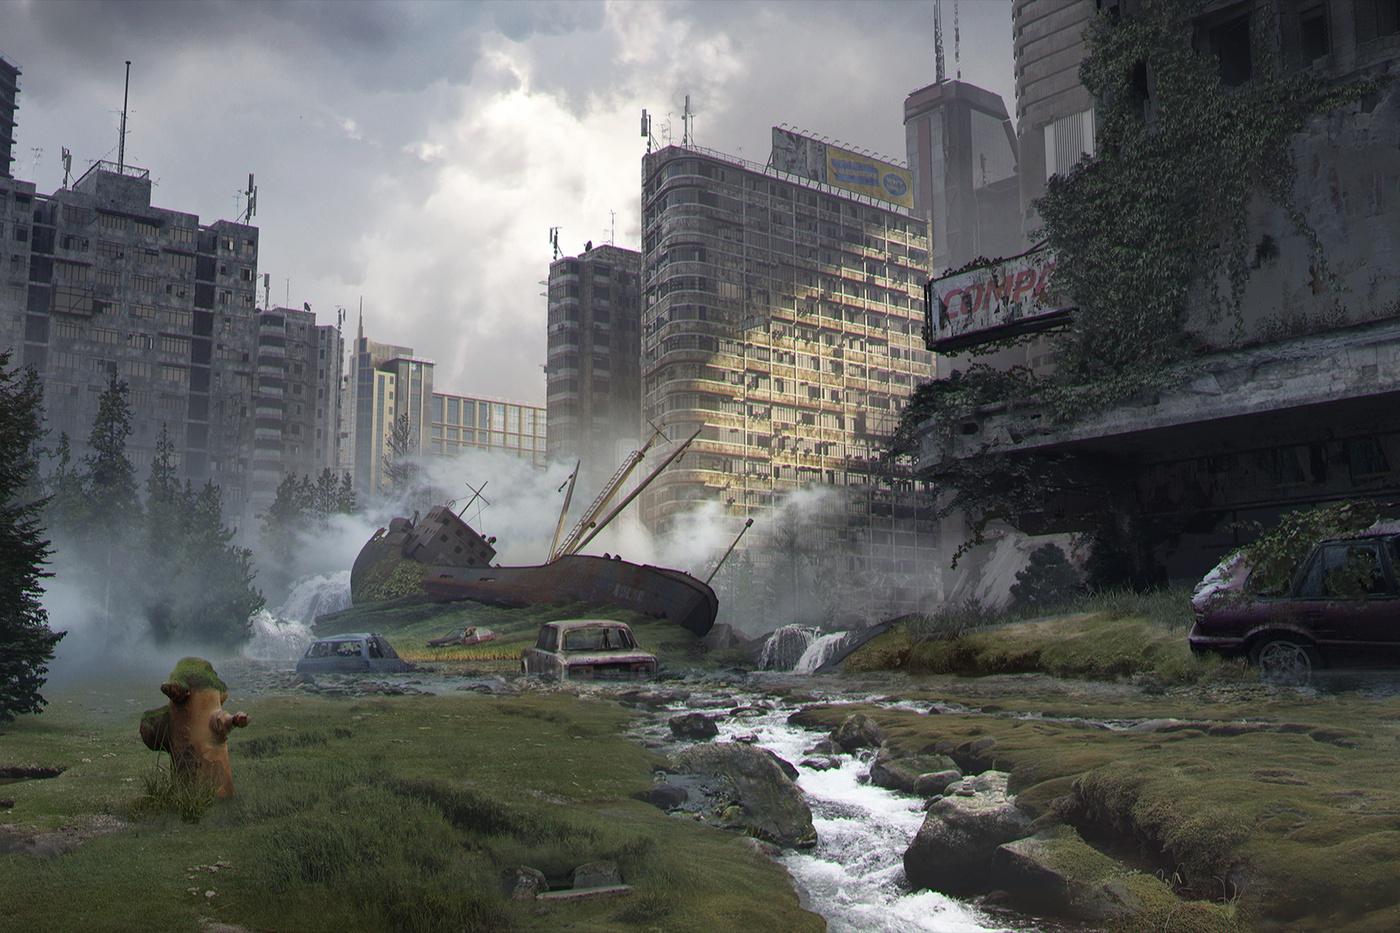 detailing city model building overgrown plants destruction